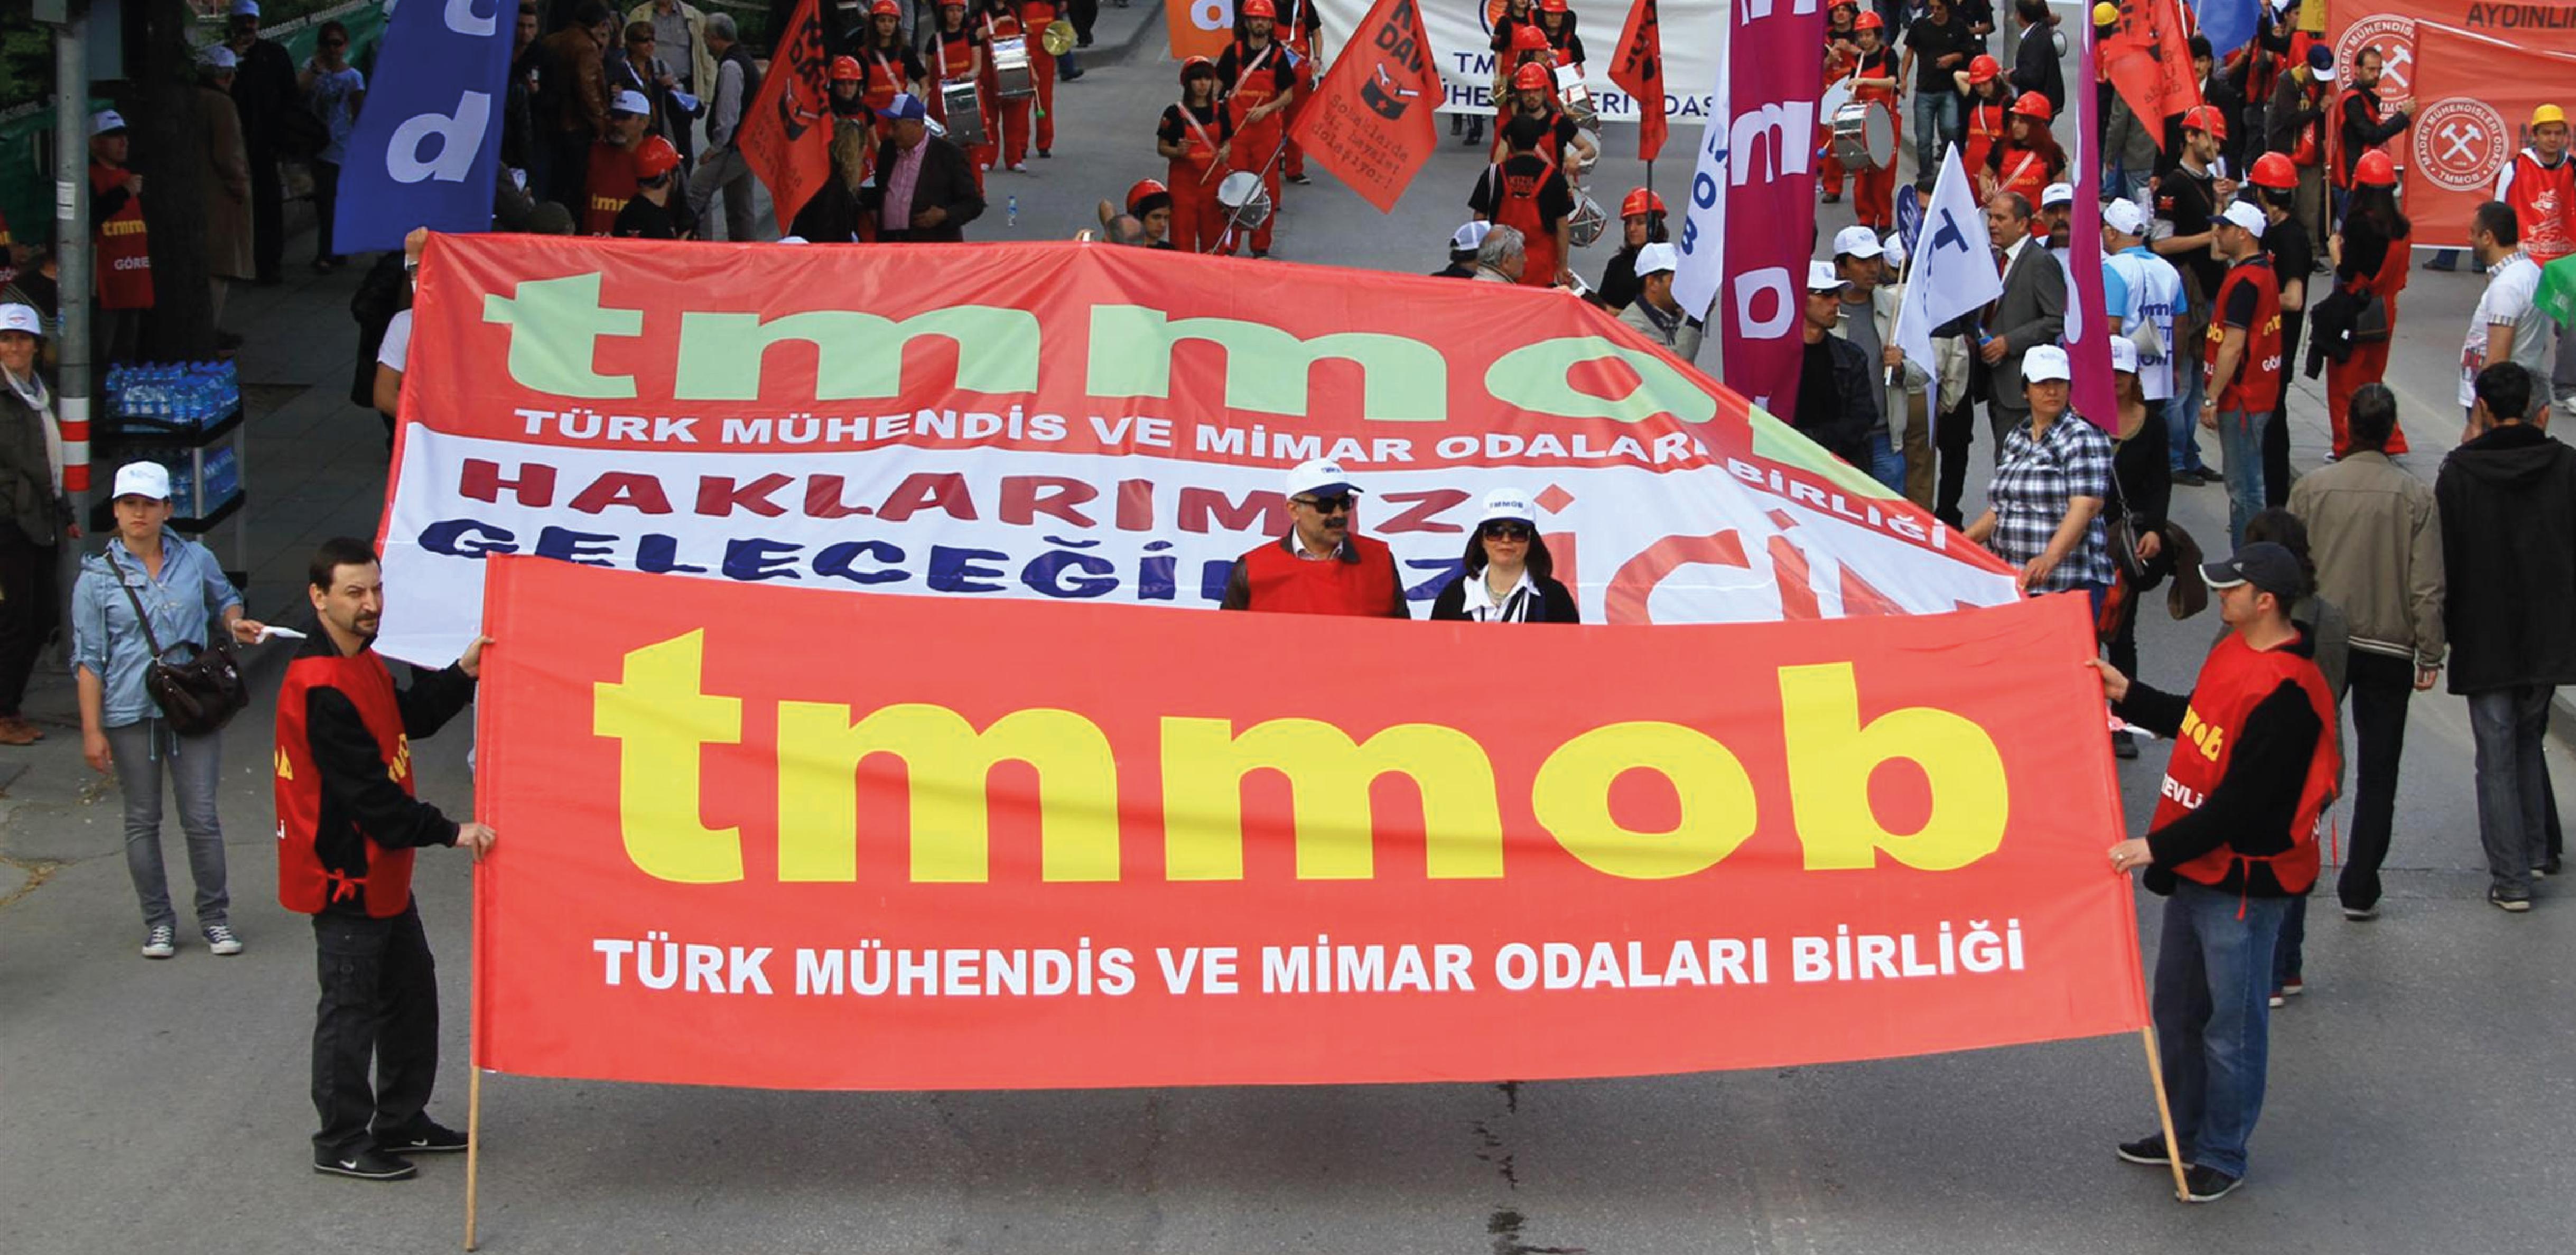 TMMOB 46. dönem genel kurulu süreci şube seçimleriyle başladı